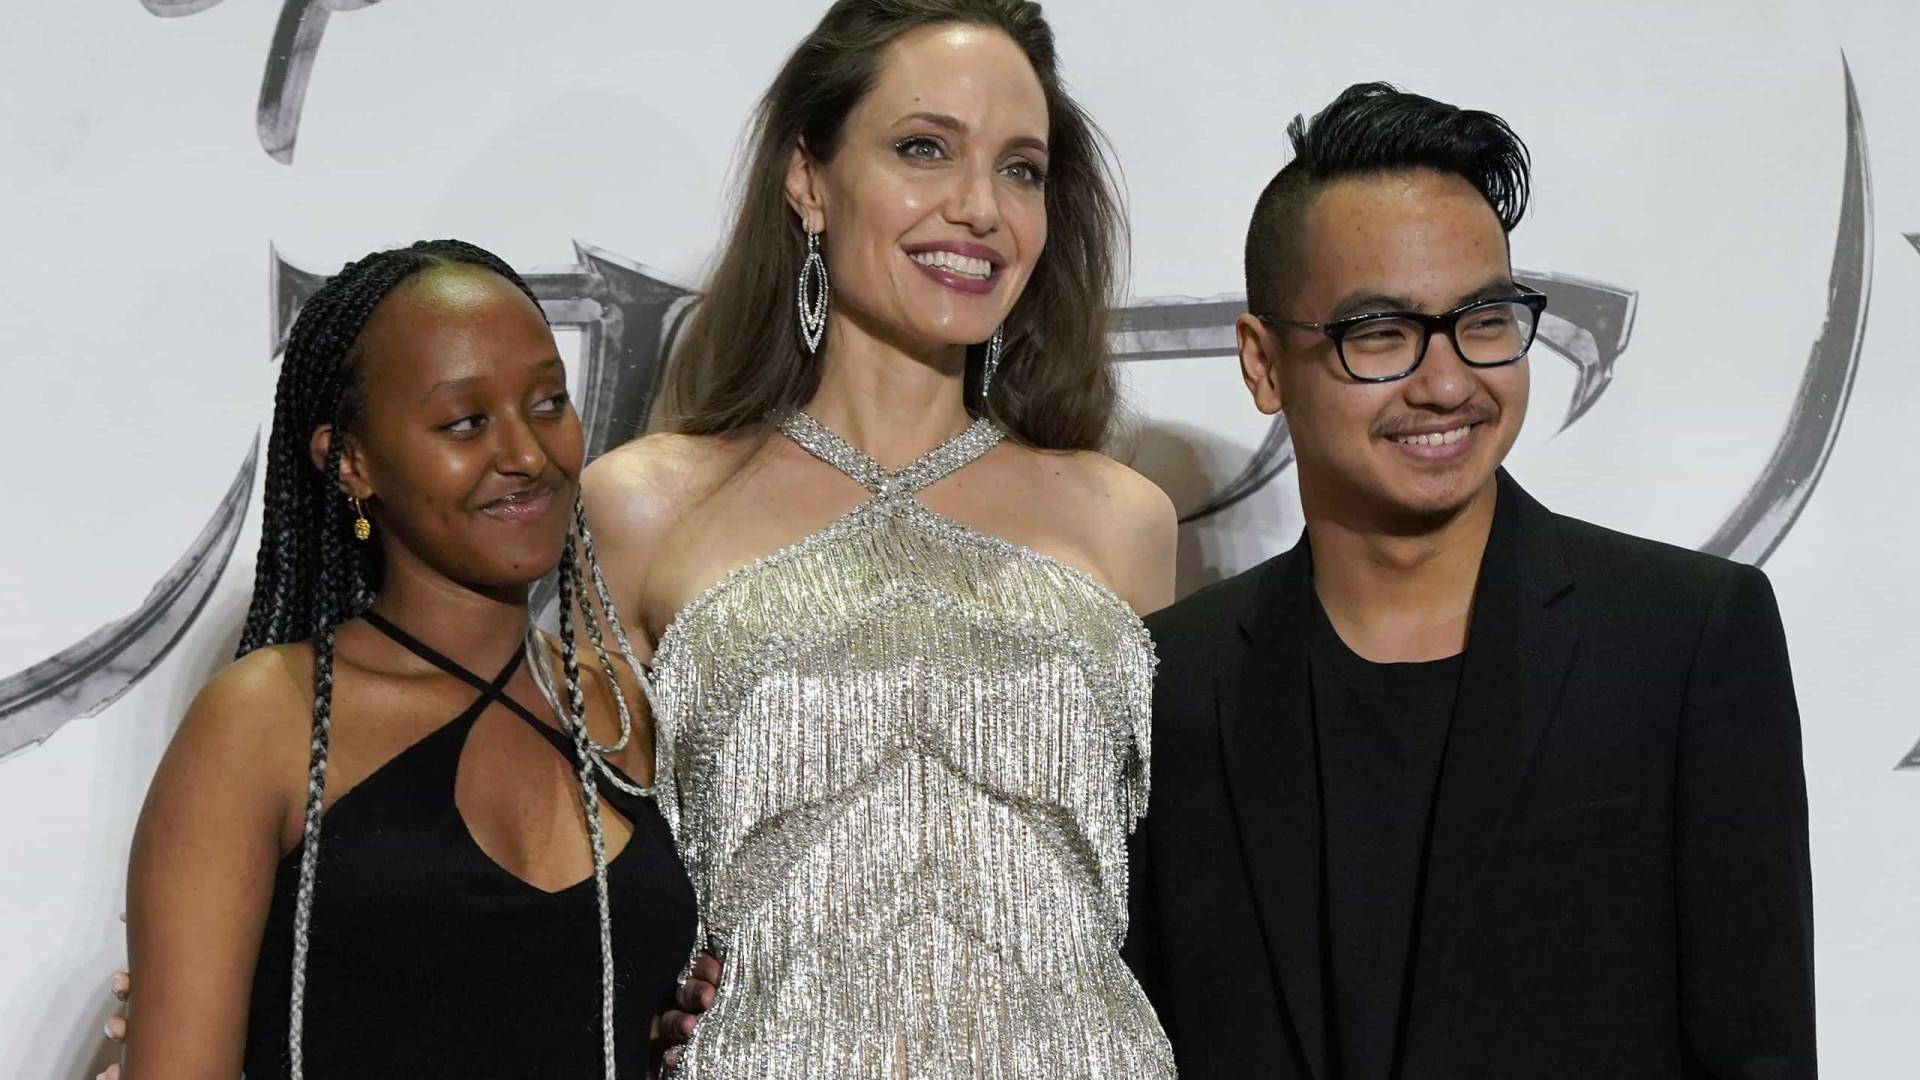 Aos 14 anos, filha de Angelina Jolie e Brad Pitt lança linha de jóias